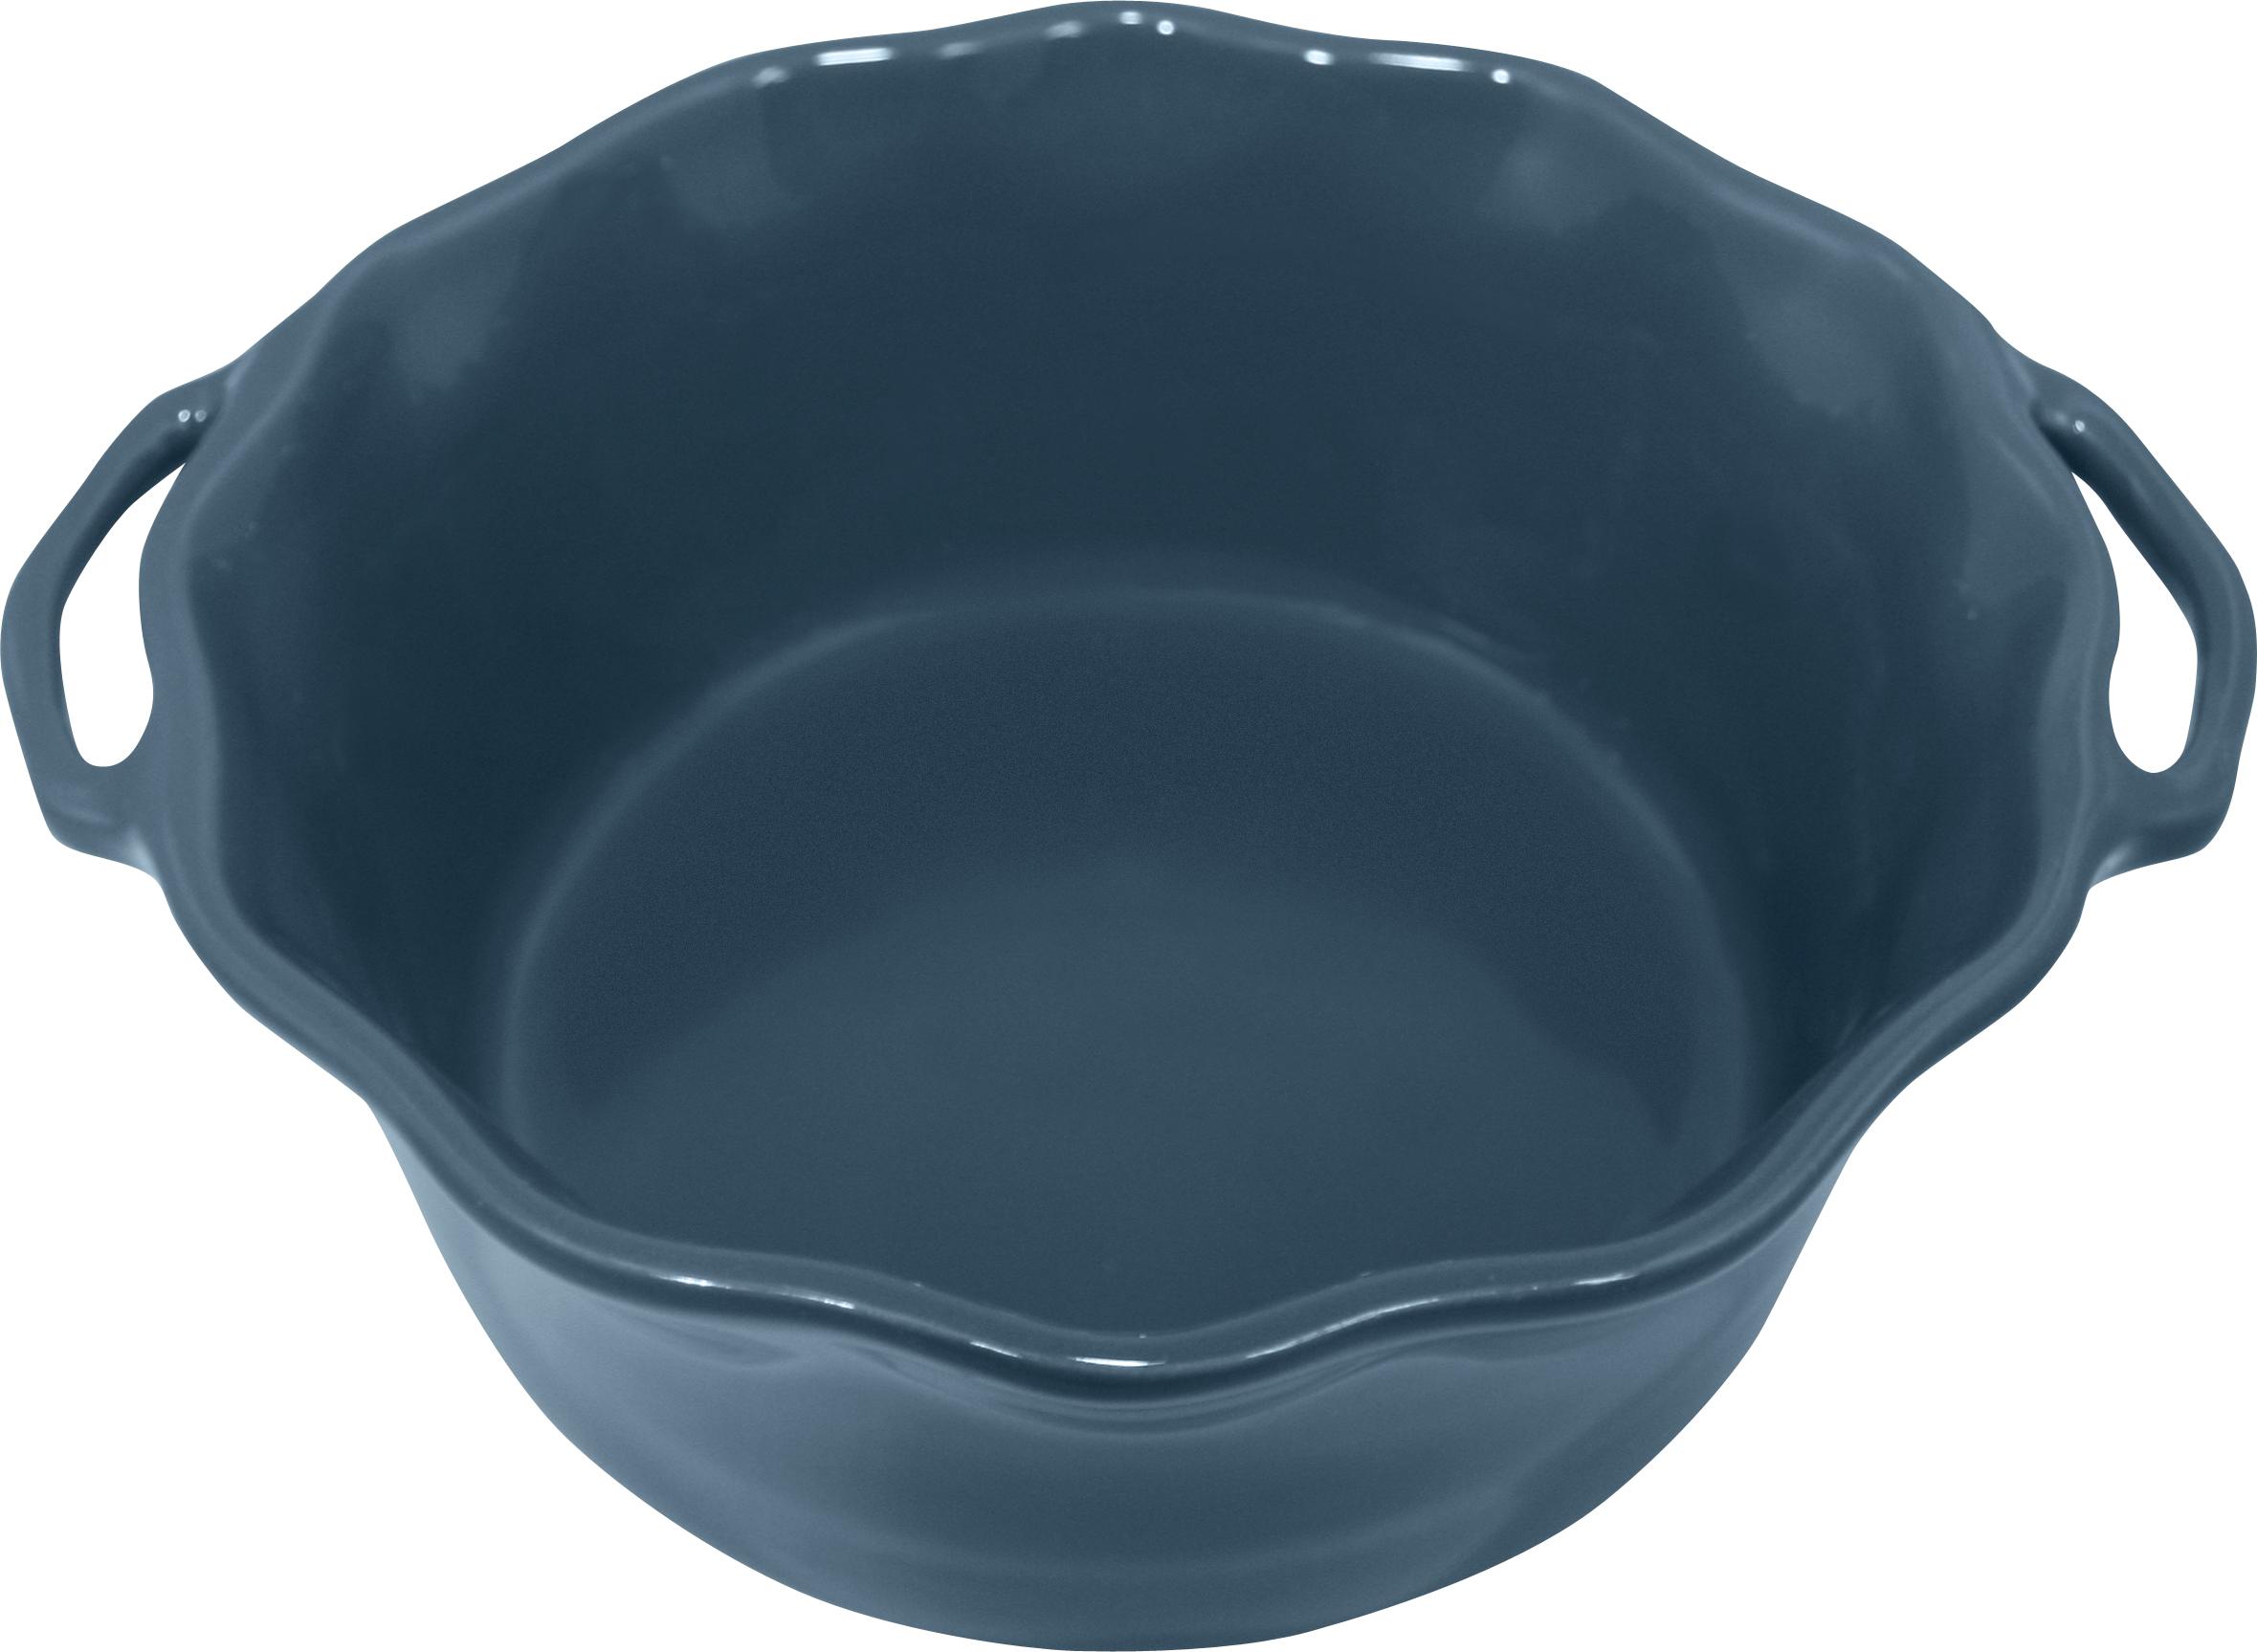 Eurodib USA 113025008 souffle bowl / dish, china